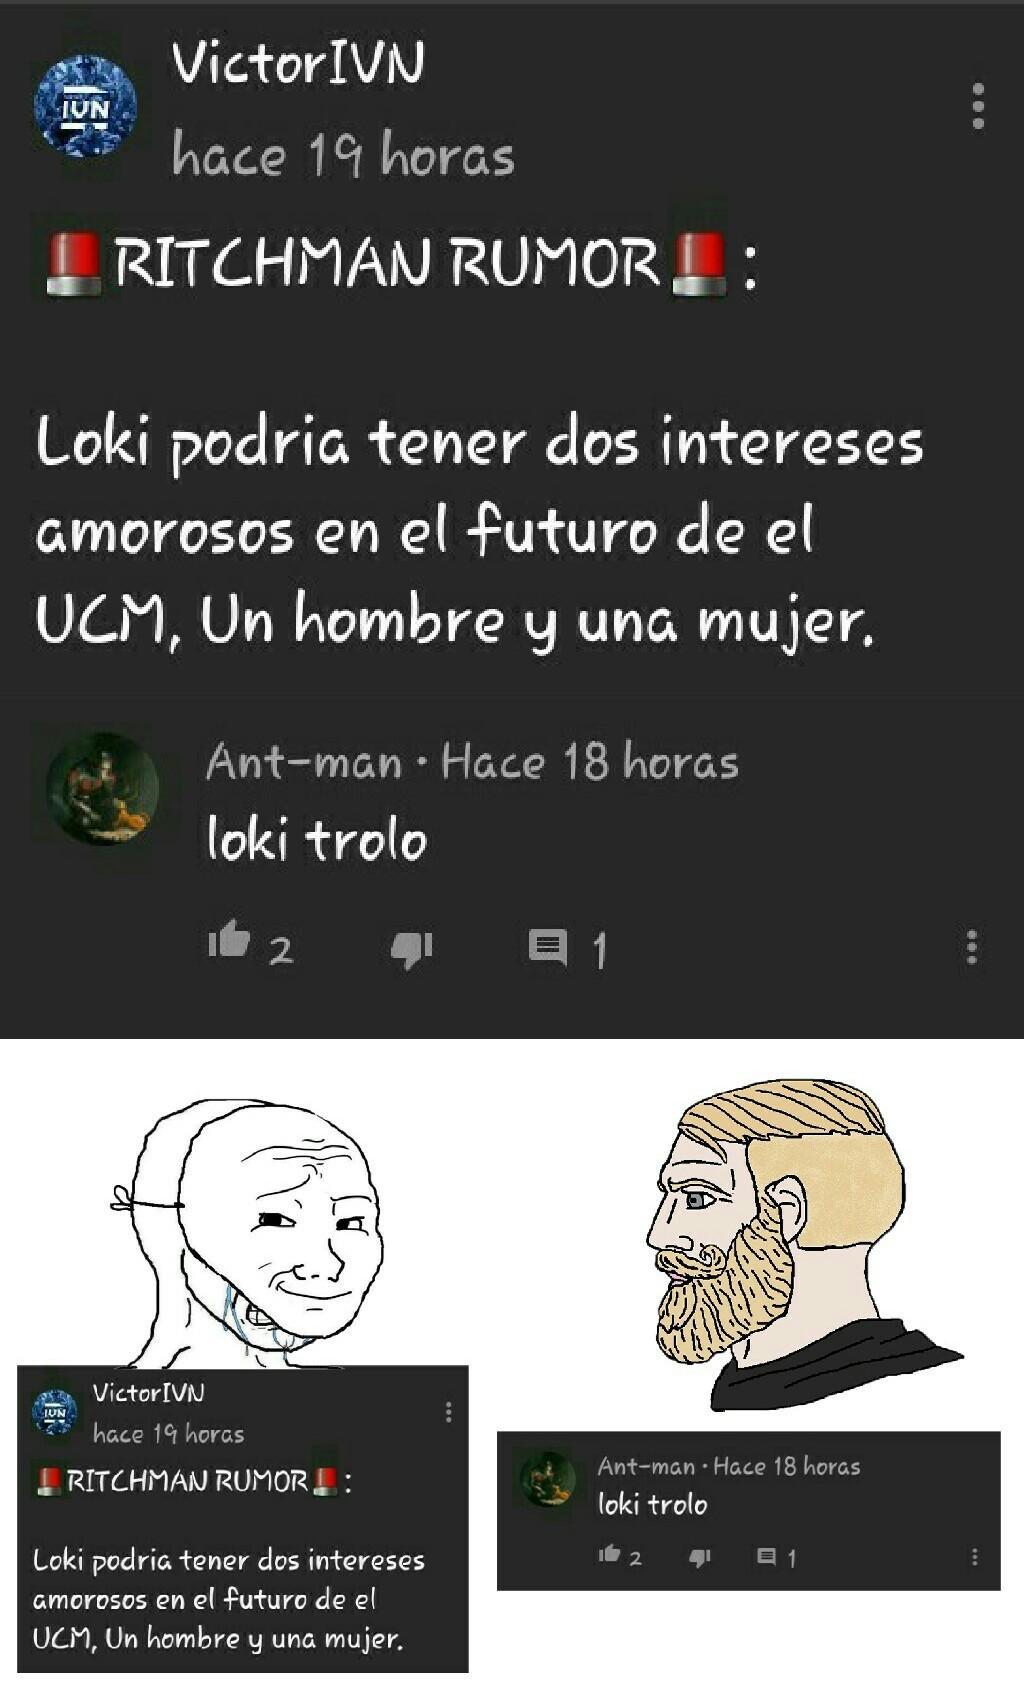 Loki trolo - meme